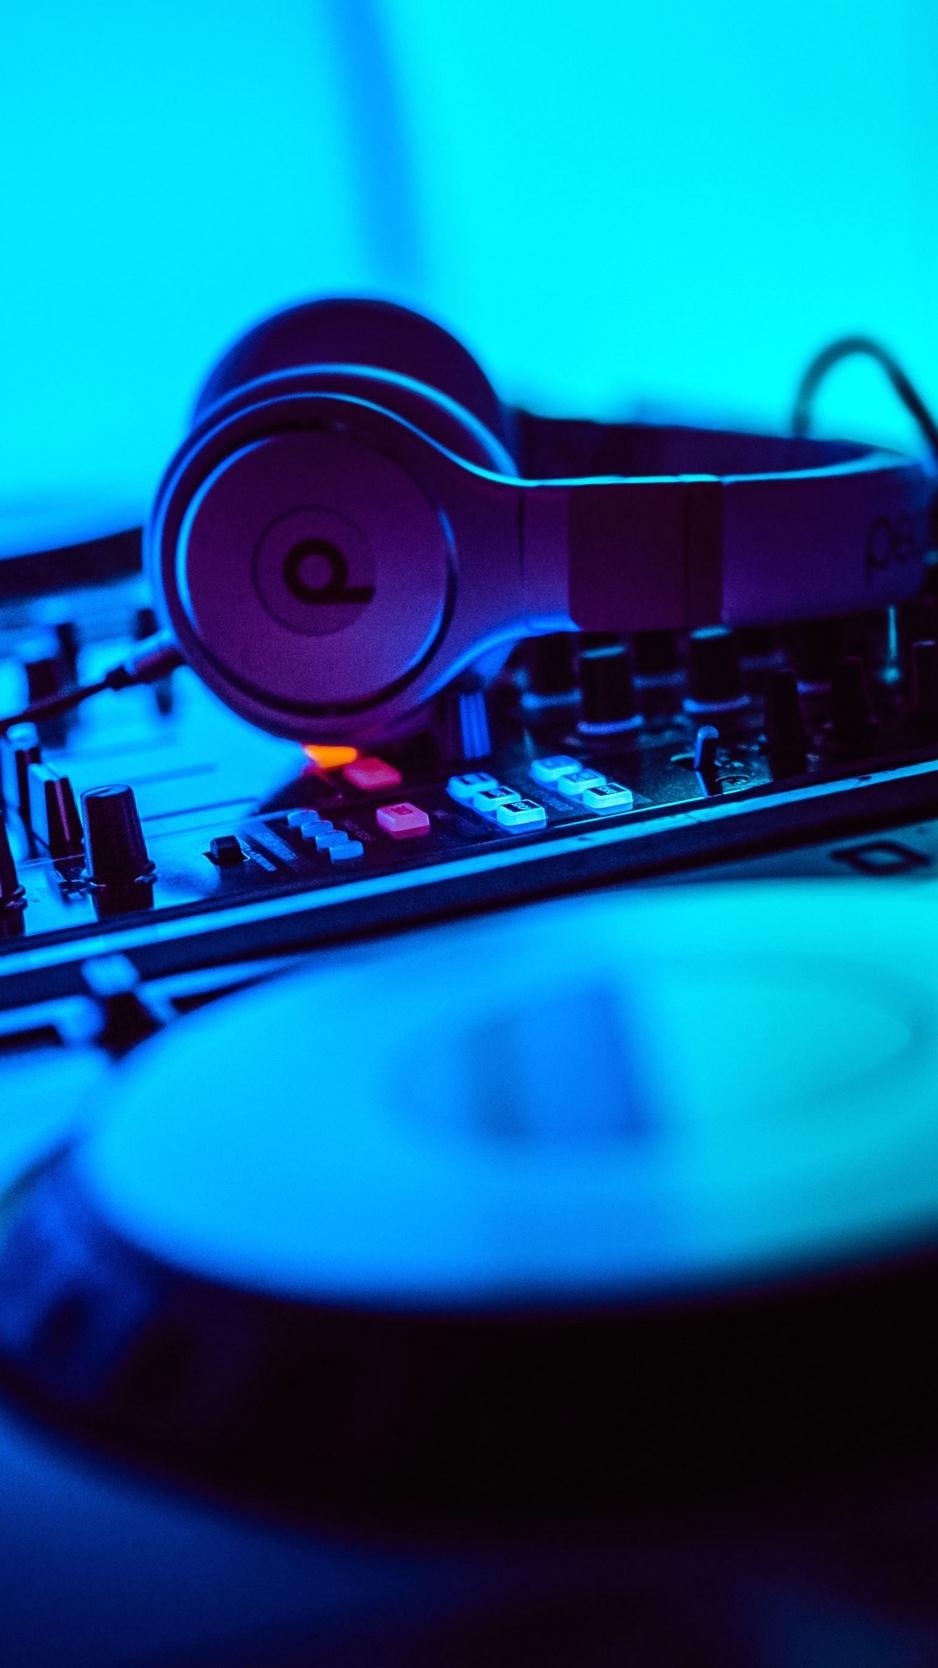 Download wallpaper 938x1668 dj headphones installation 938x1668